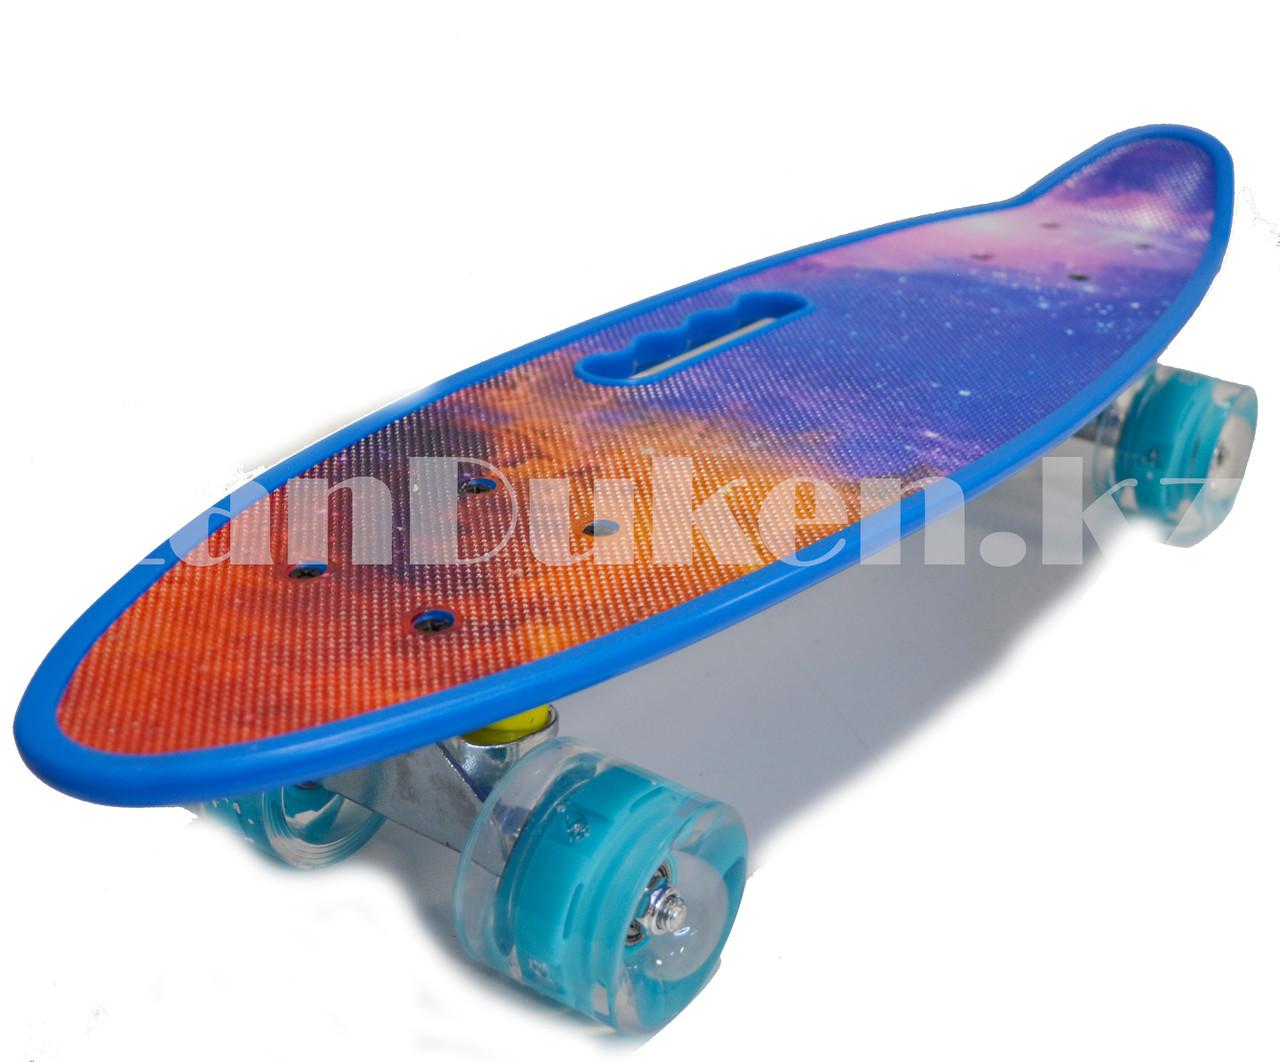 Лонгборд подростковый 59*16 Penny Board с ручкой и со светящимися колесами (пенни борд) Космос - фото 7